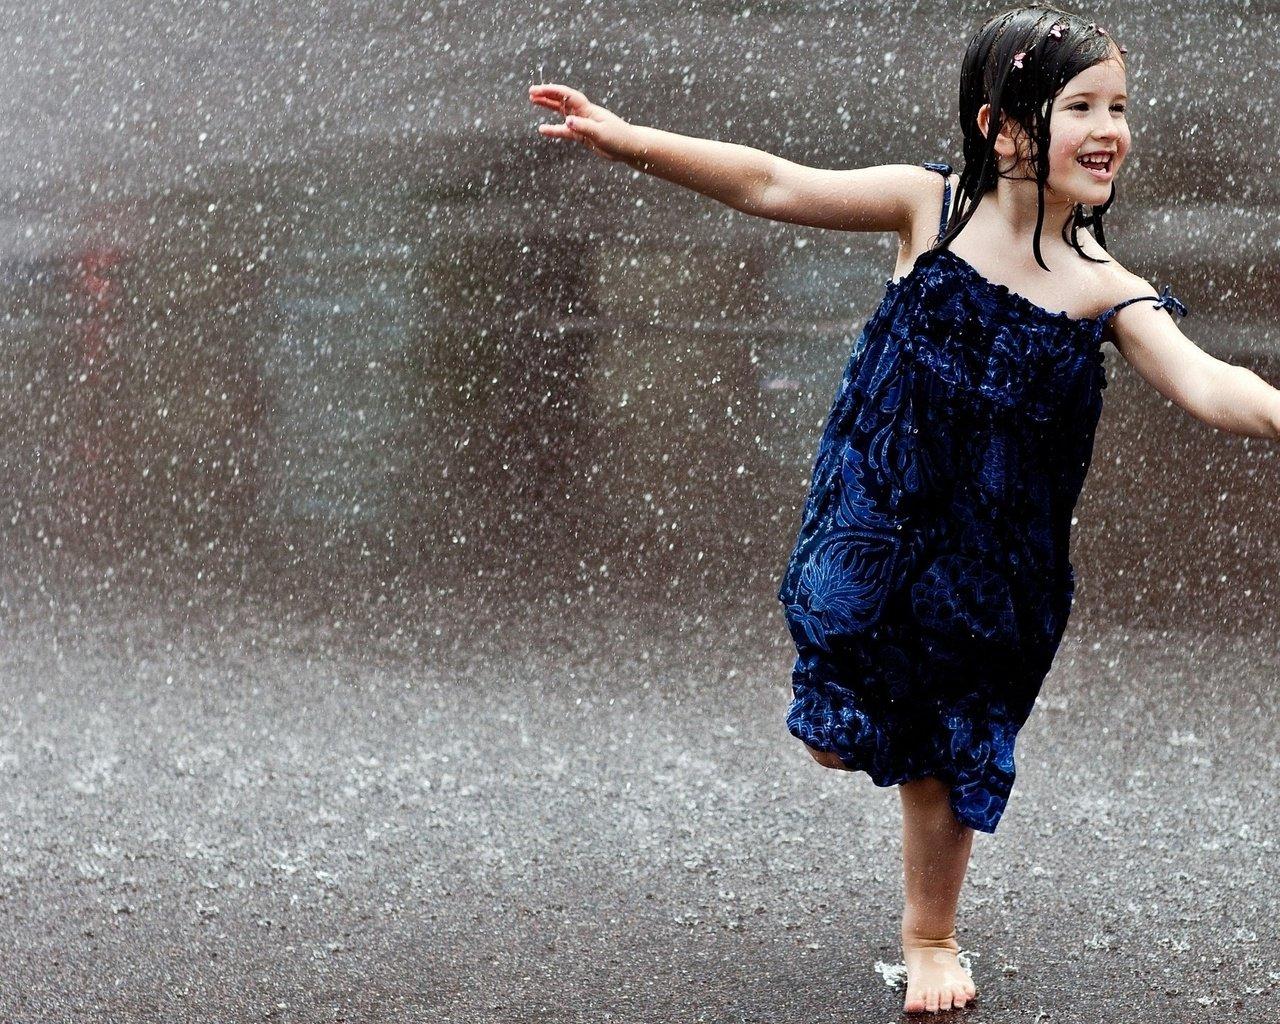 занятий лыжным девочка по городу шагает танец хорошо